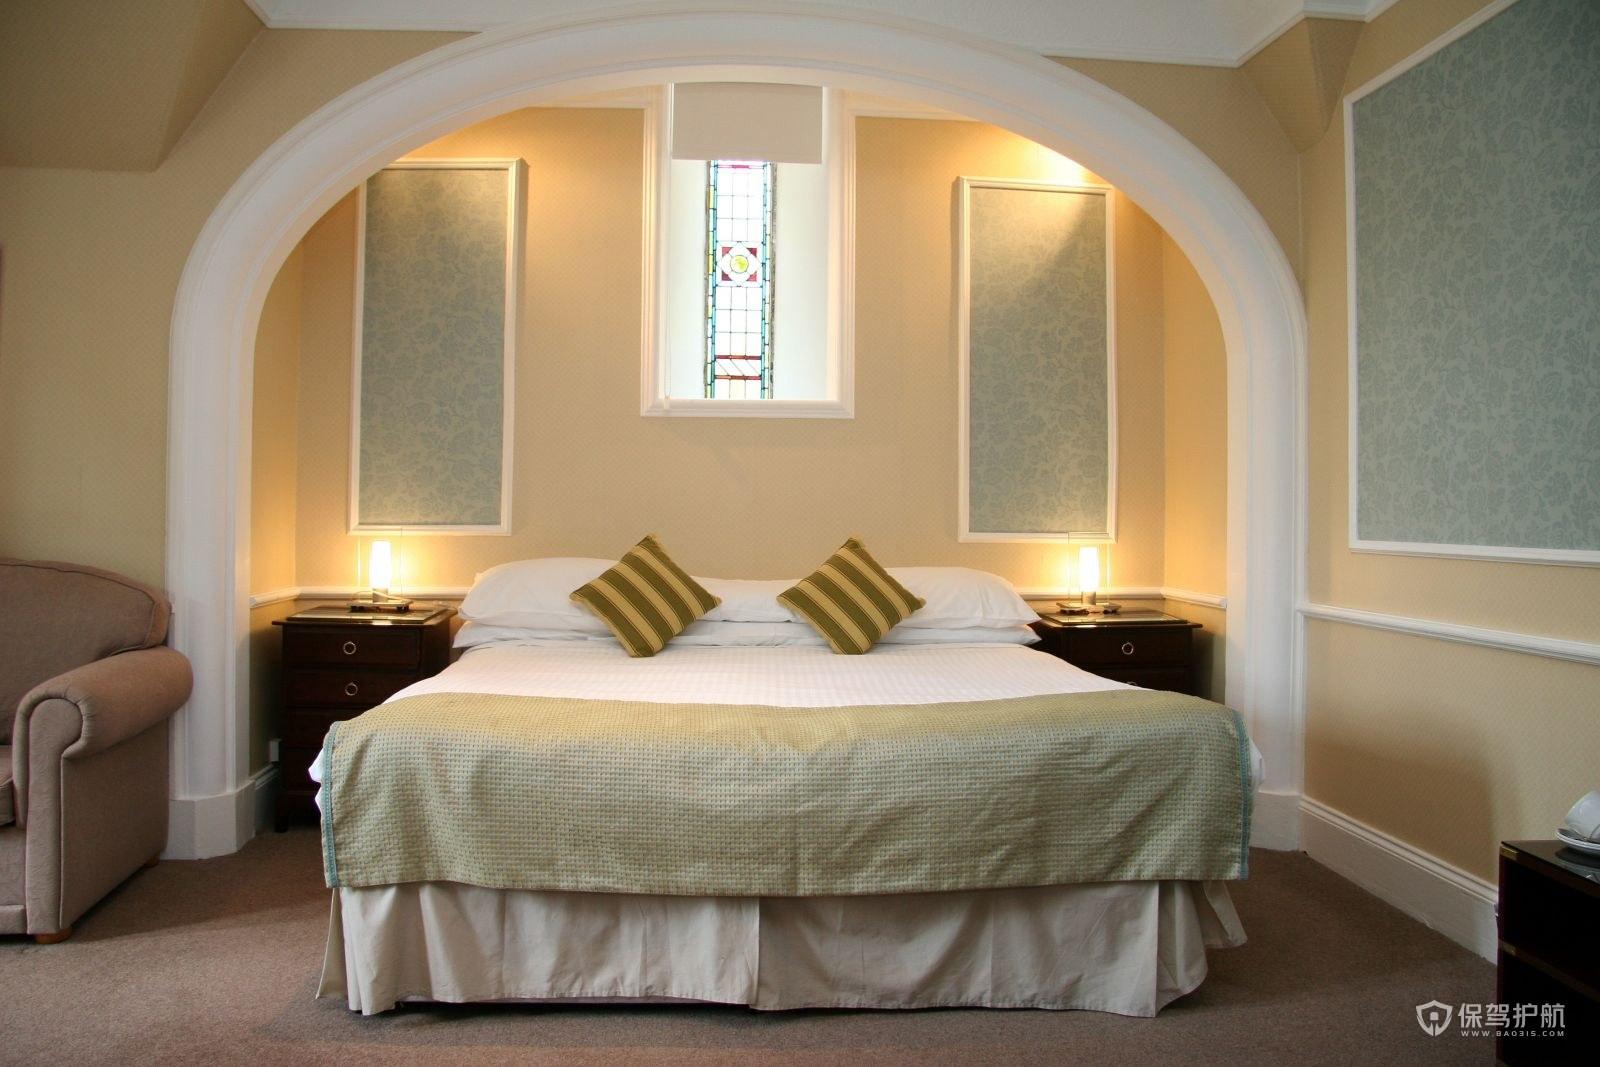 歐式酒店客房怎么裝修?歐式酒店客房裝修效果圖